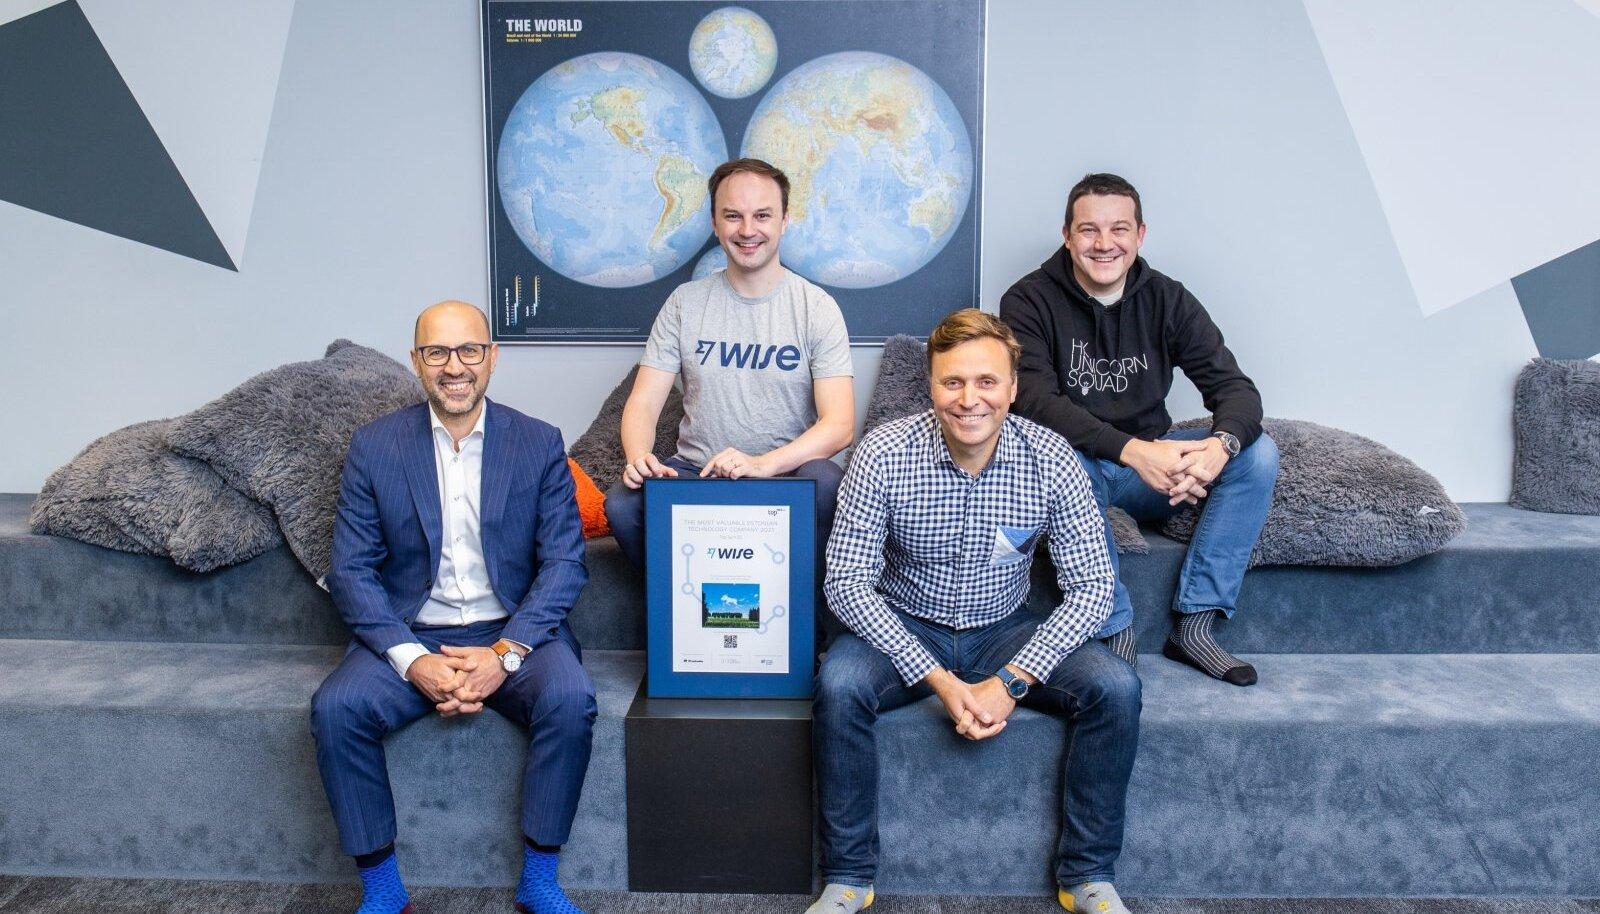 Auhinna üleandmine. Fotol vasakult Indrek Uudeküll, Lars Trunin, Rando Rannus ja Sten Tamkivi